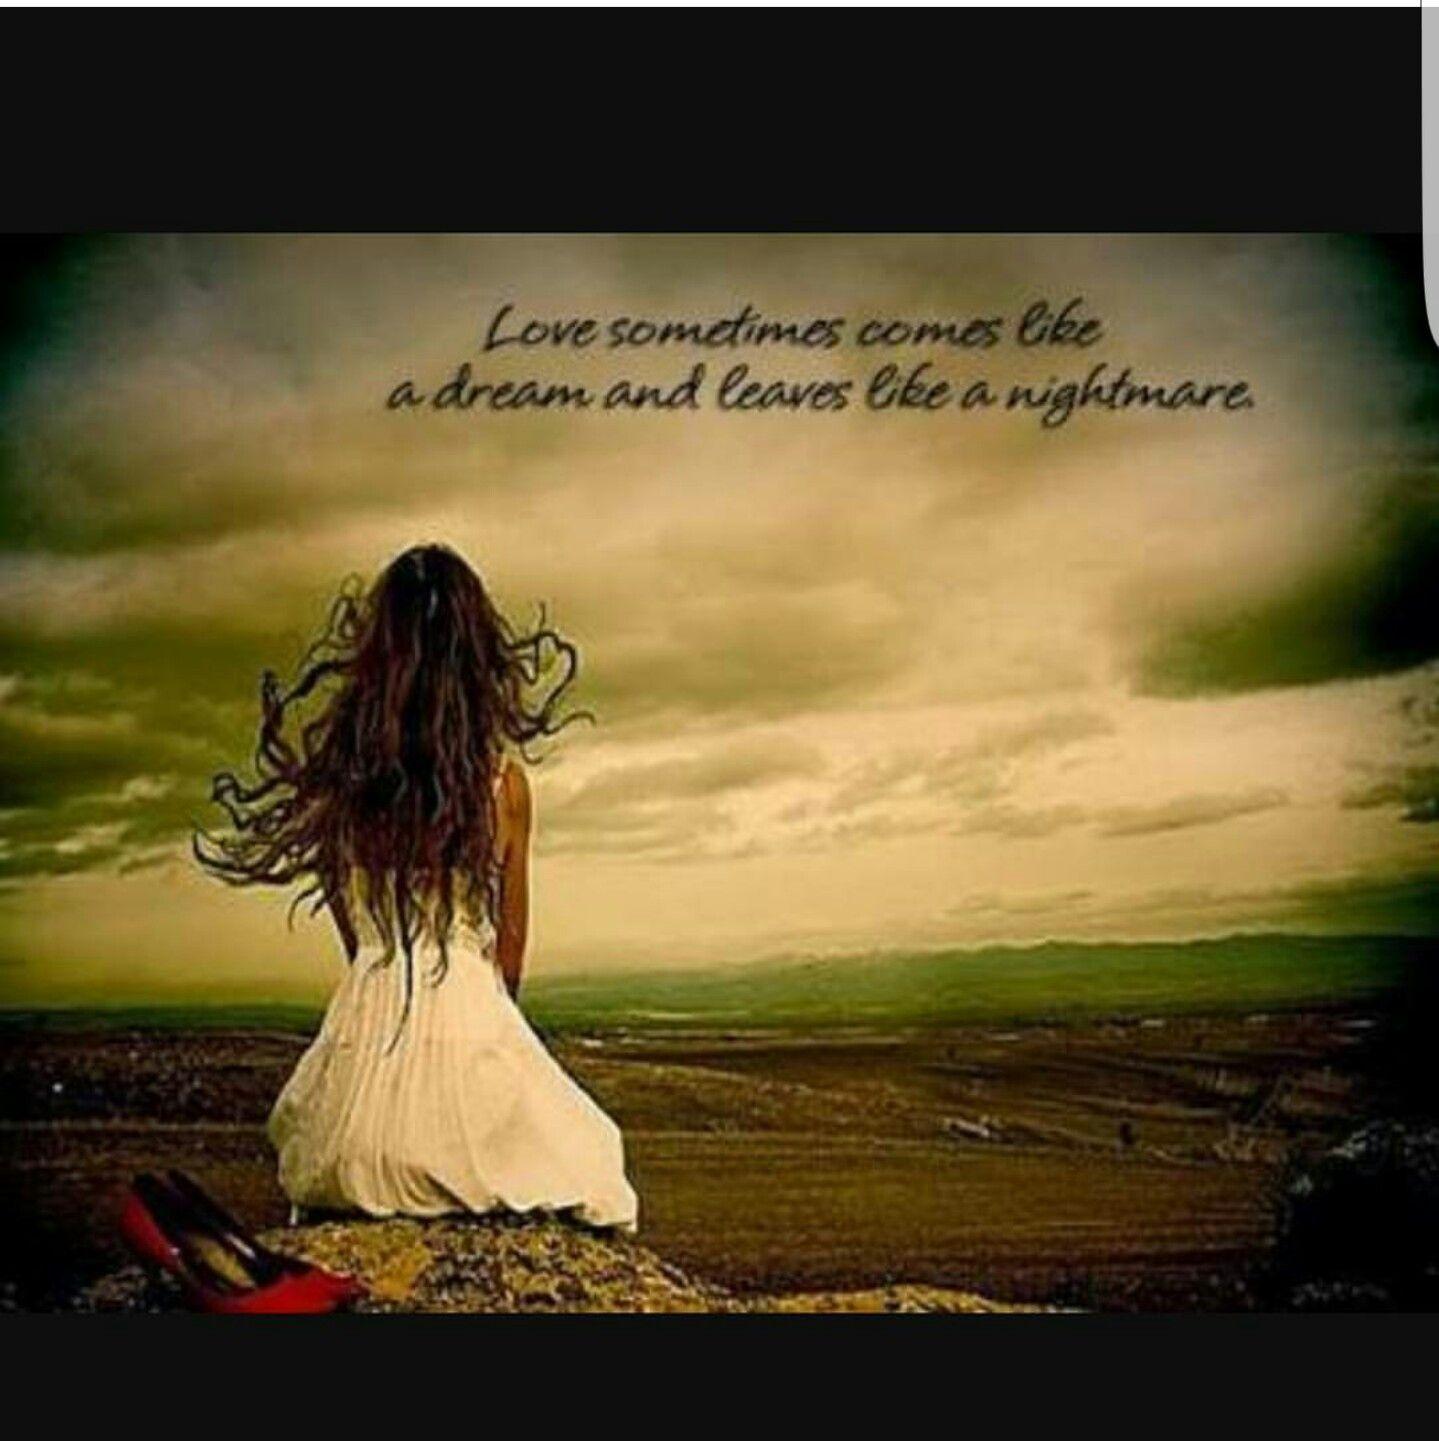 Miss U Quotes Sad Love Quotes Sassy Quotes Quotes For Him Quotes Life Cute Quotes Good Quotes Inspiring Love Quotes Wallpaper Quotes